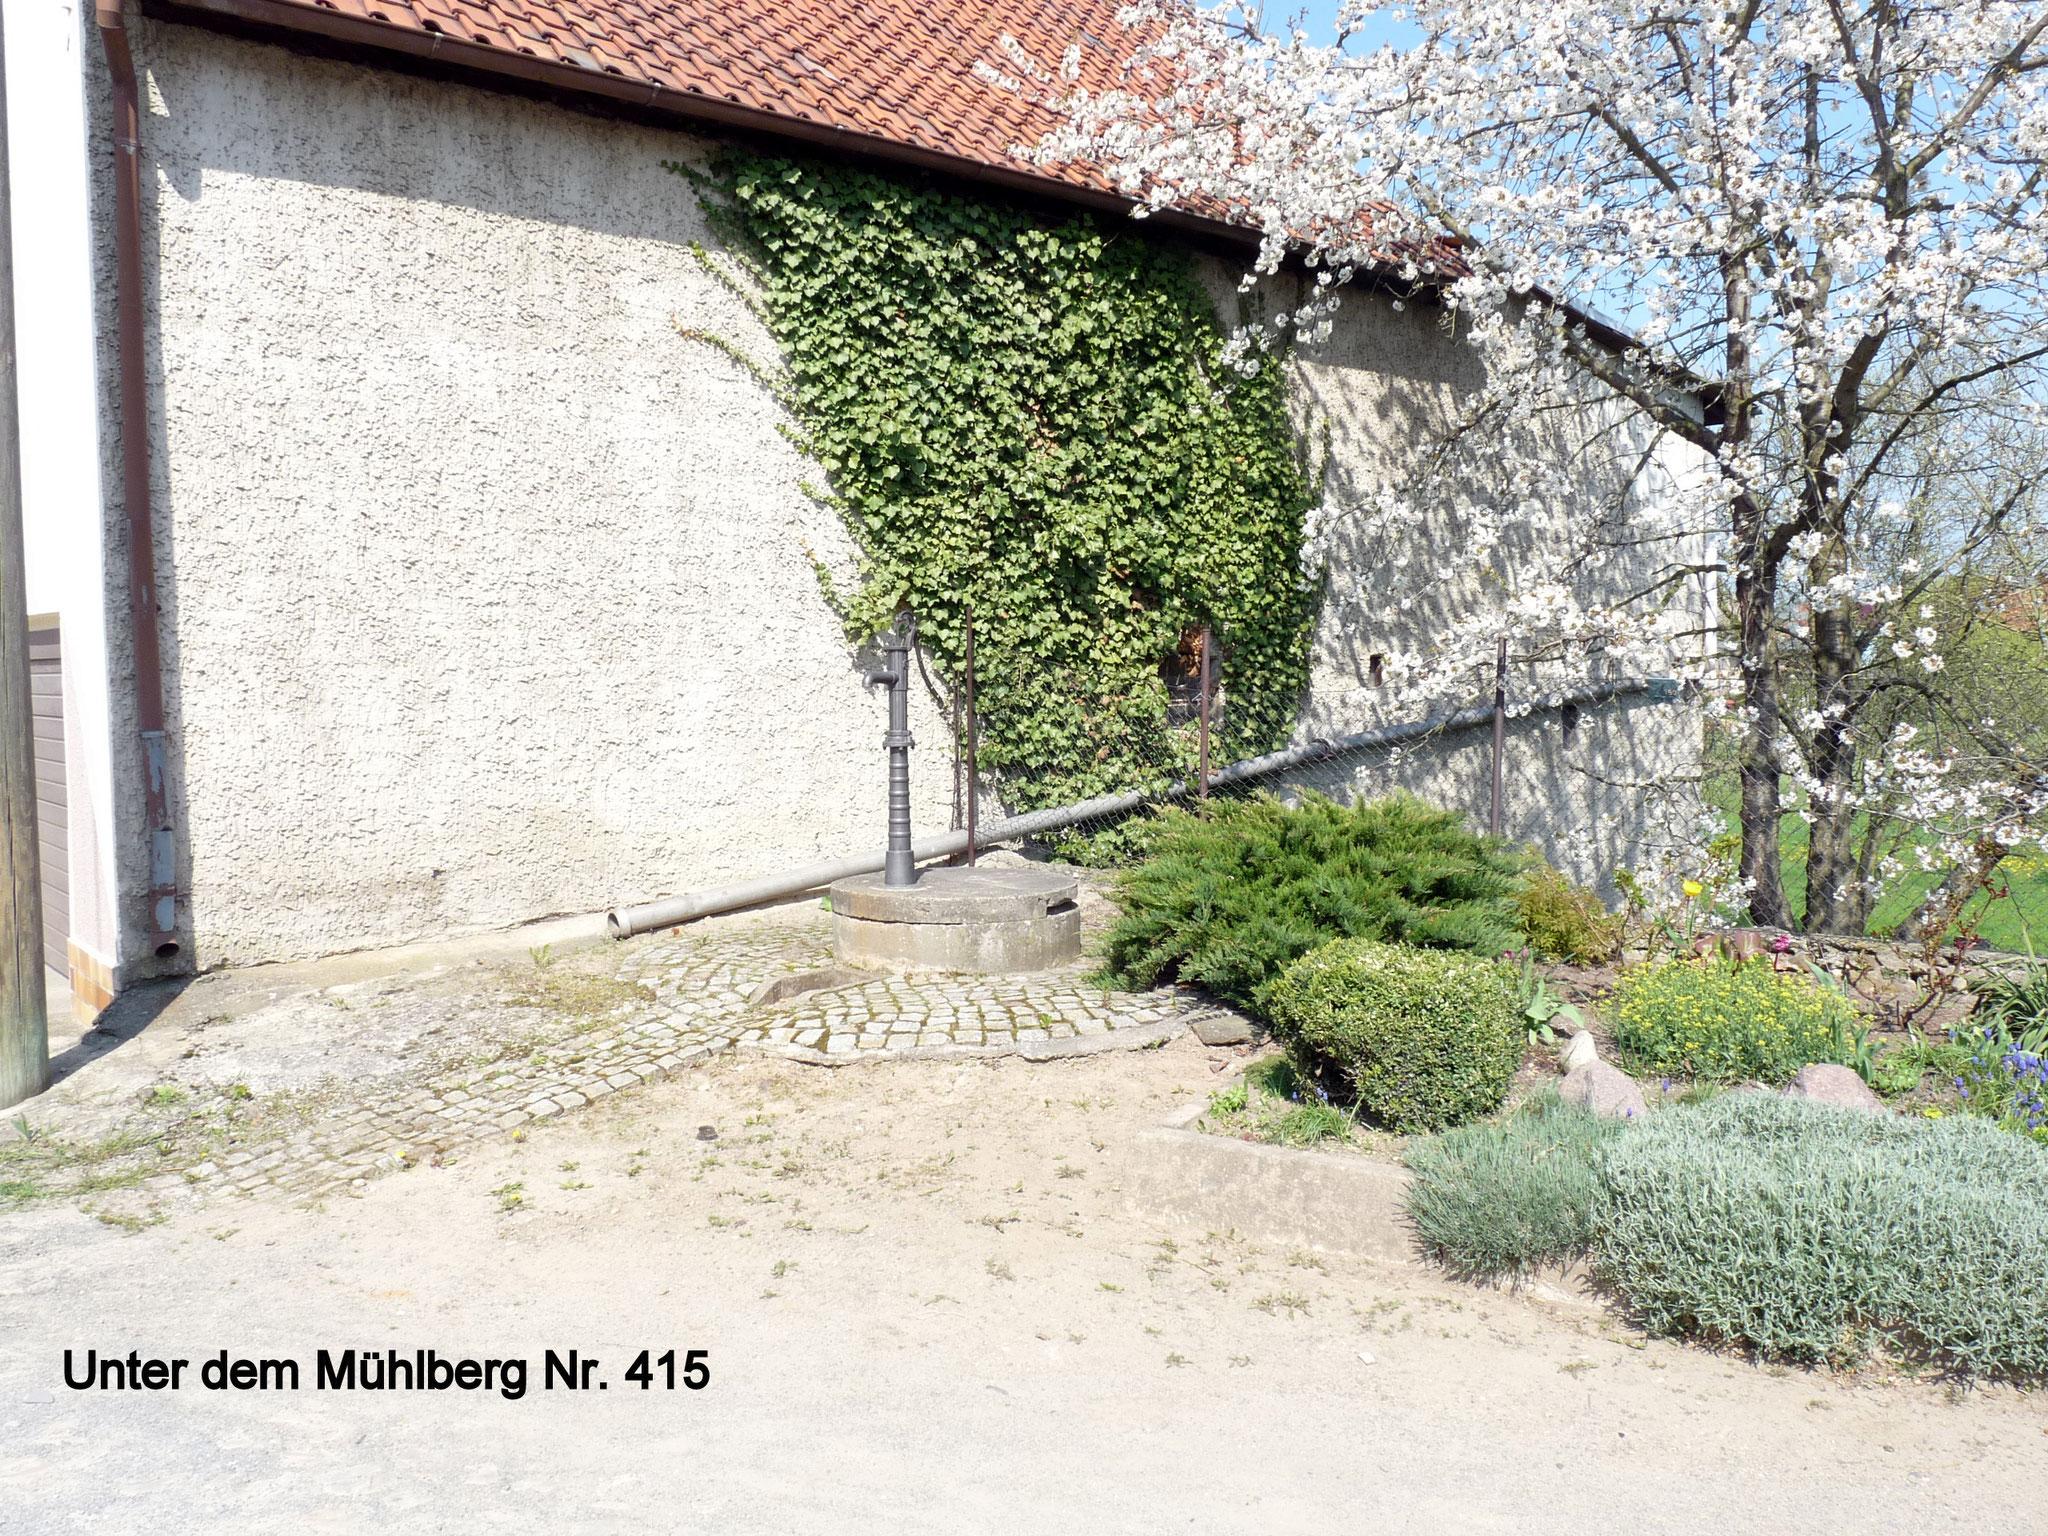 Unter dem Mühlberg489